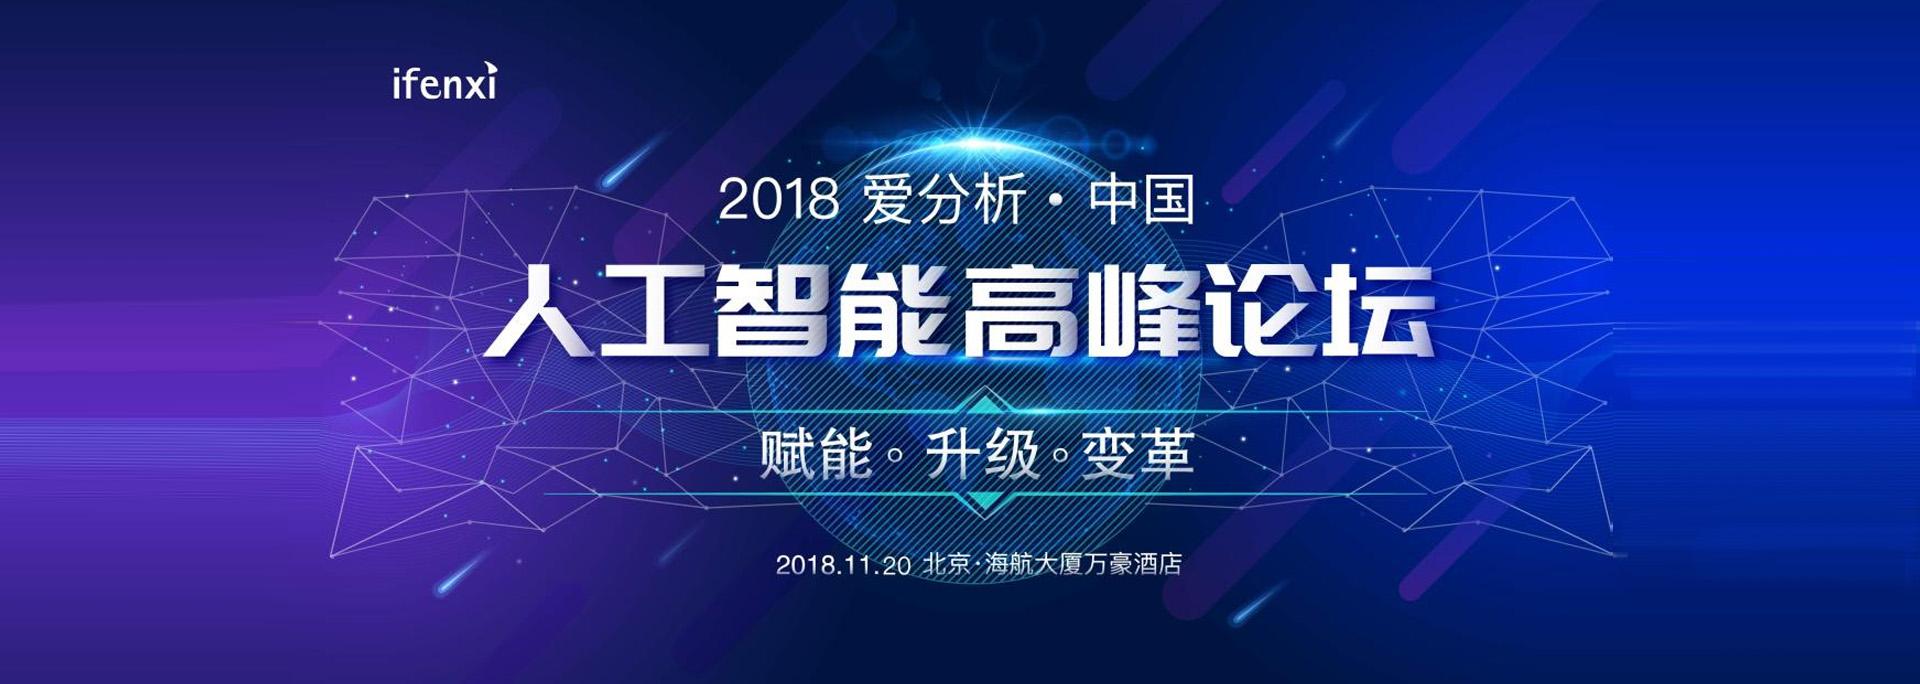 2018爱分析·中国人工智能创新企业榜公布,同盾科技在智能金融领域拔得头筹